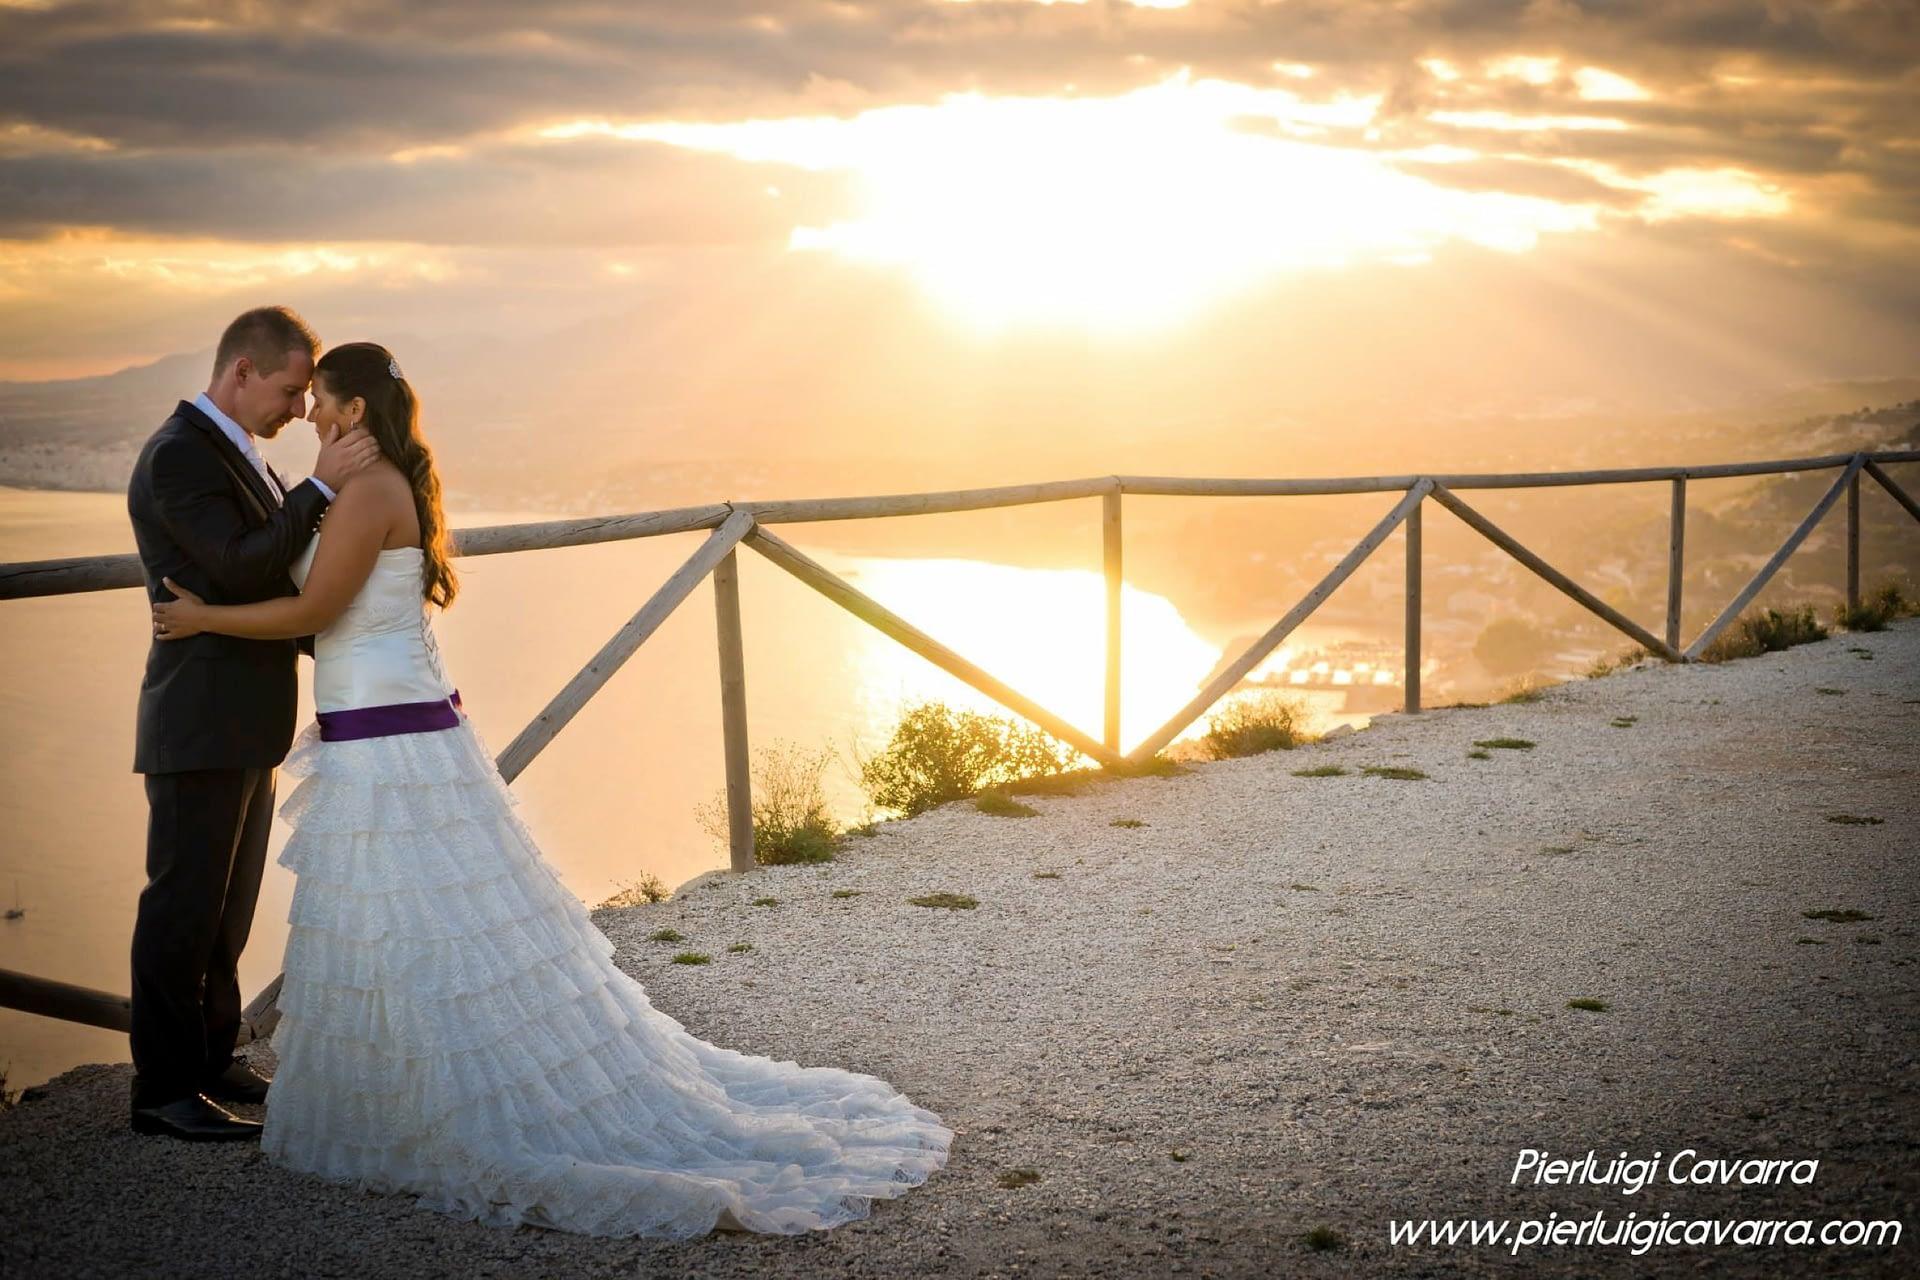 Pierluigi Cavarra - fotografo de bodas y eventos - wedding photographer costa blanca - ejemplo -25